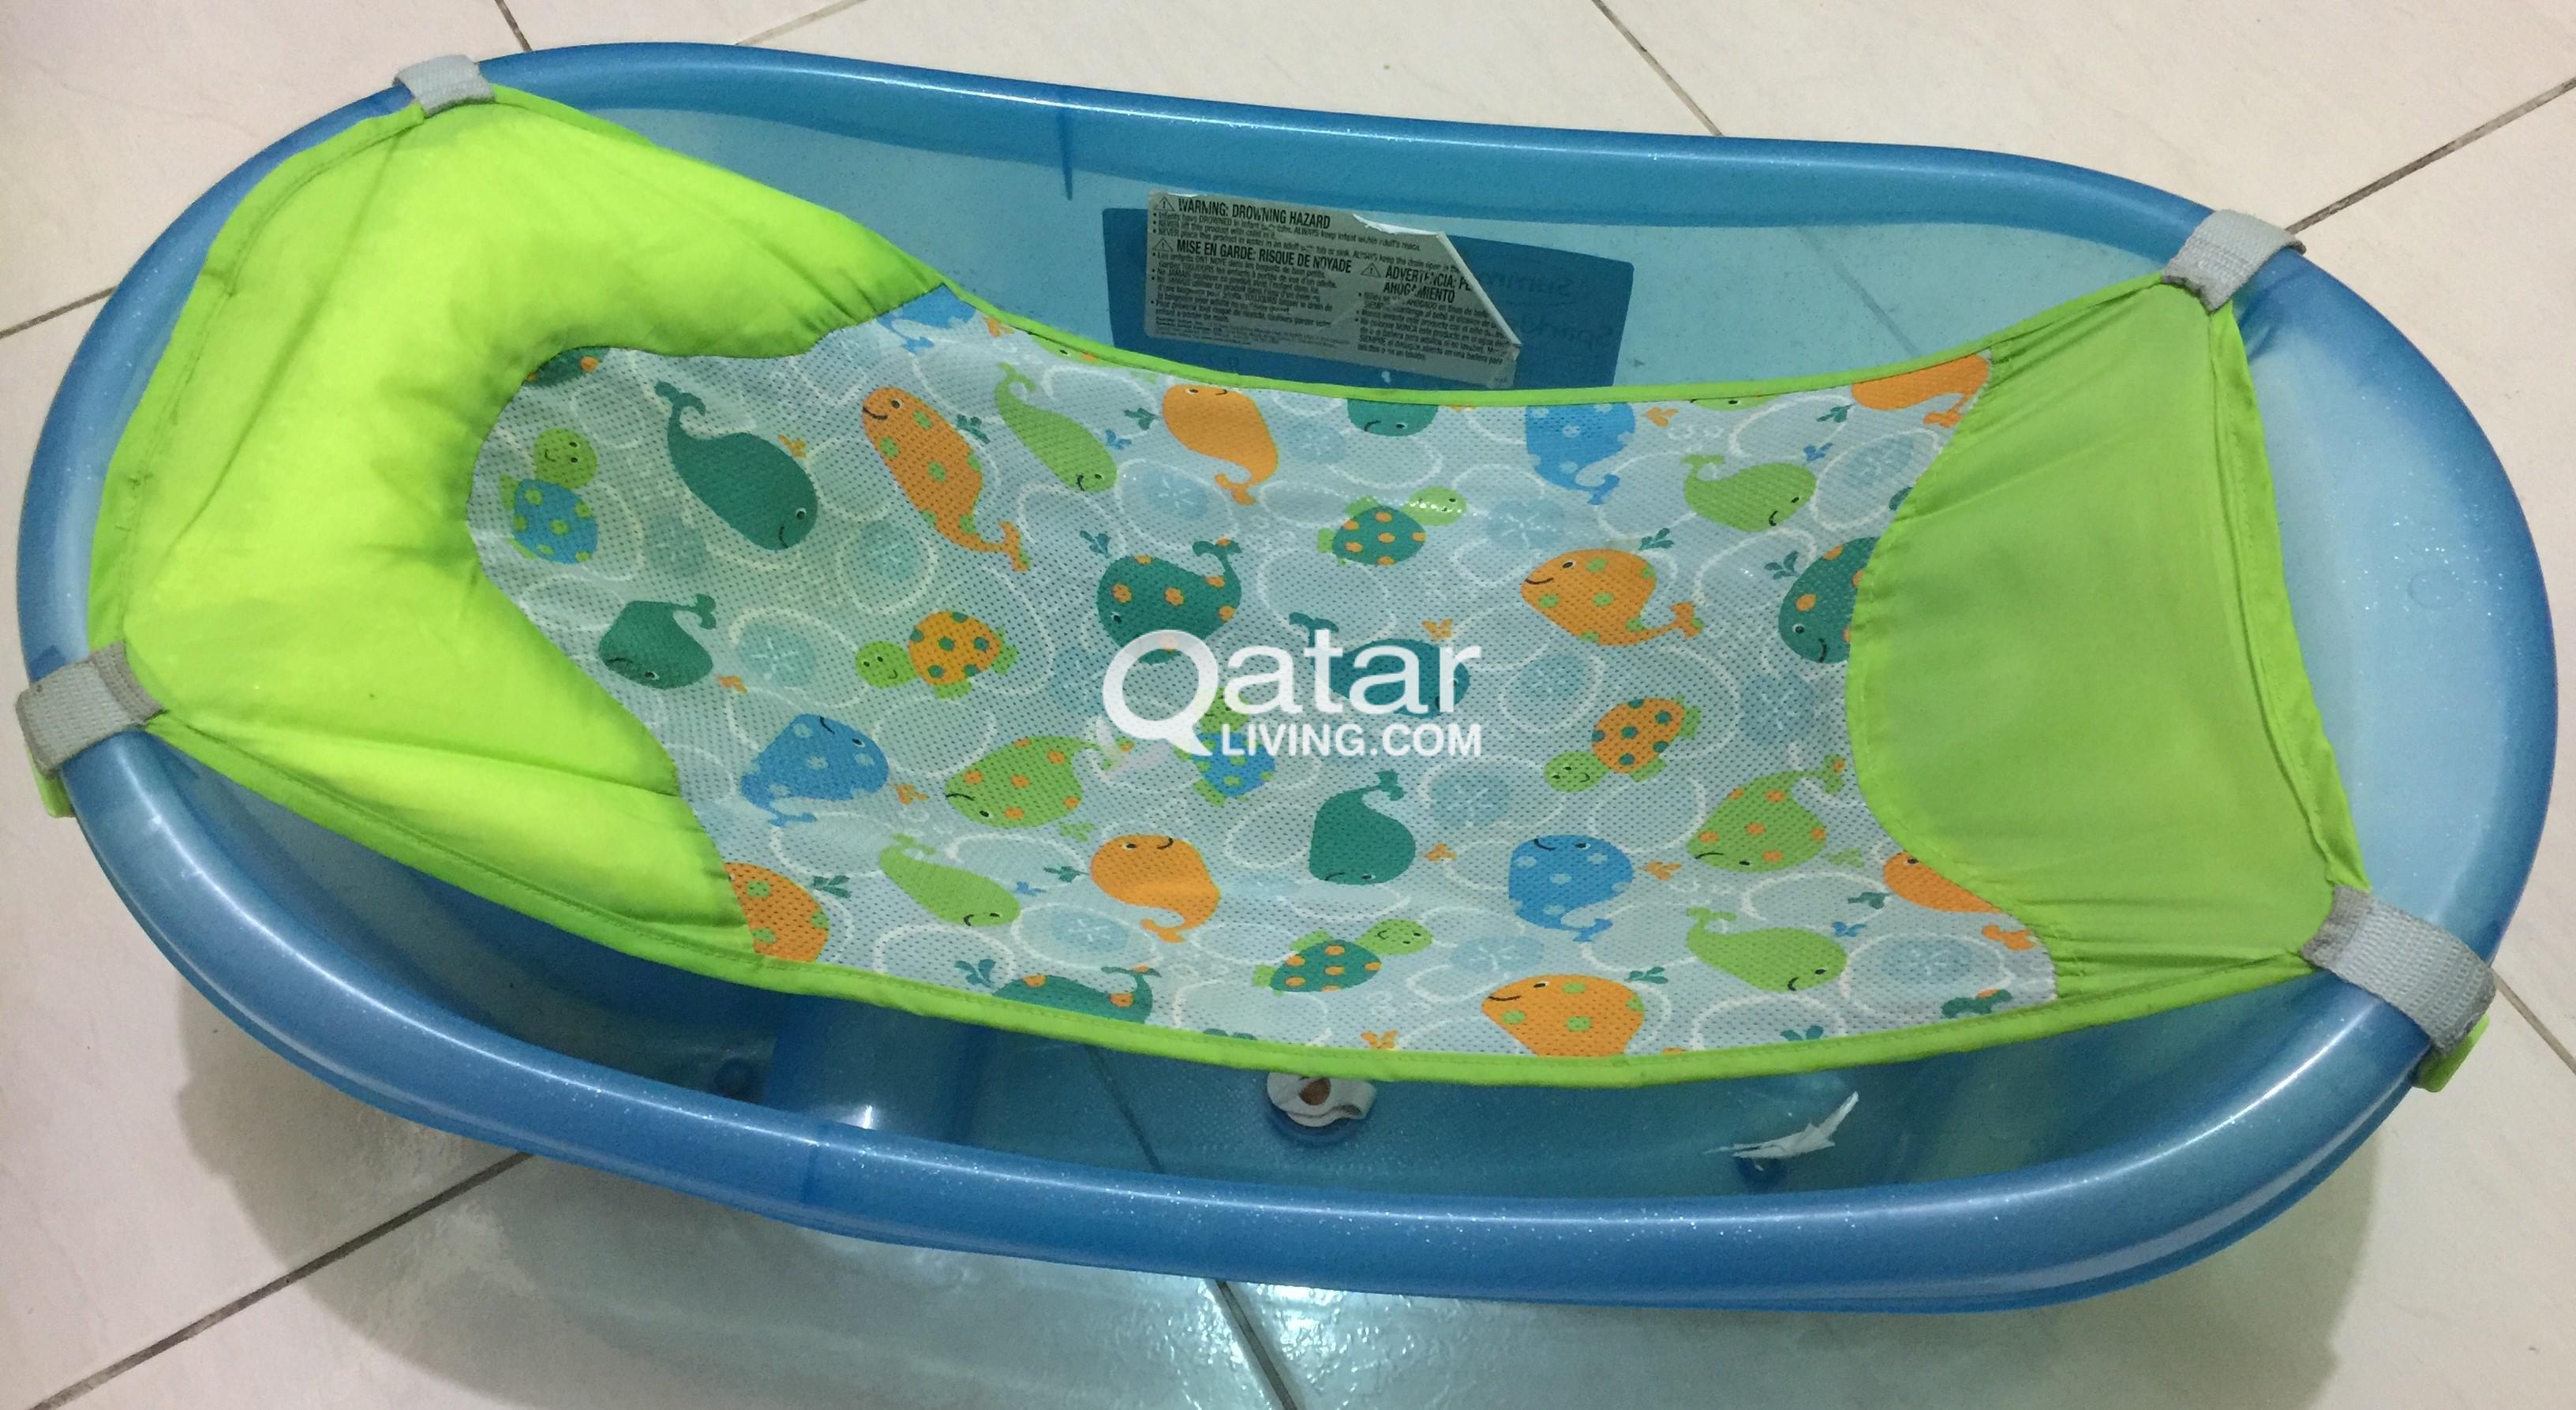 Summers Sparkle \'n Splash Baby bath tub for sale for 40 QR | Qatar ...